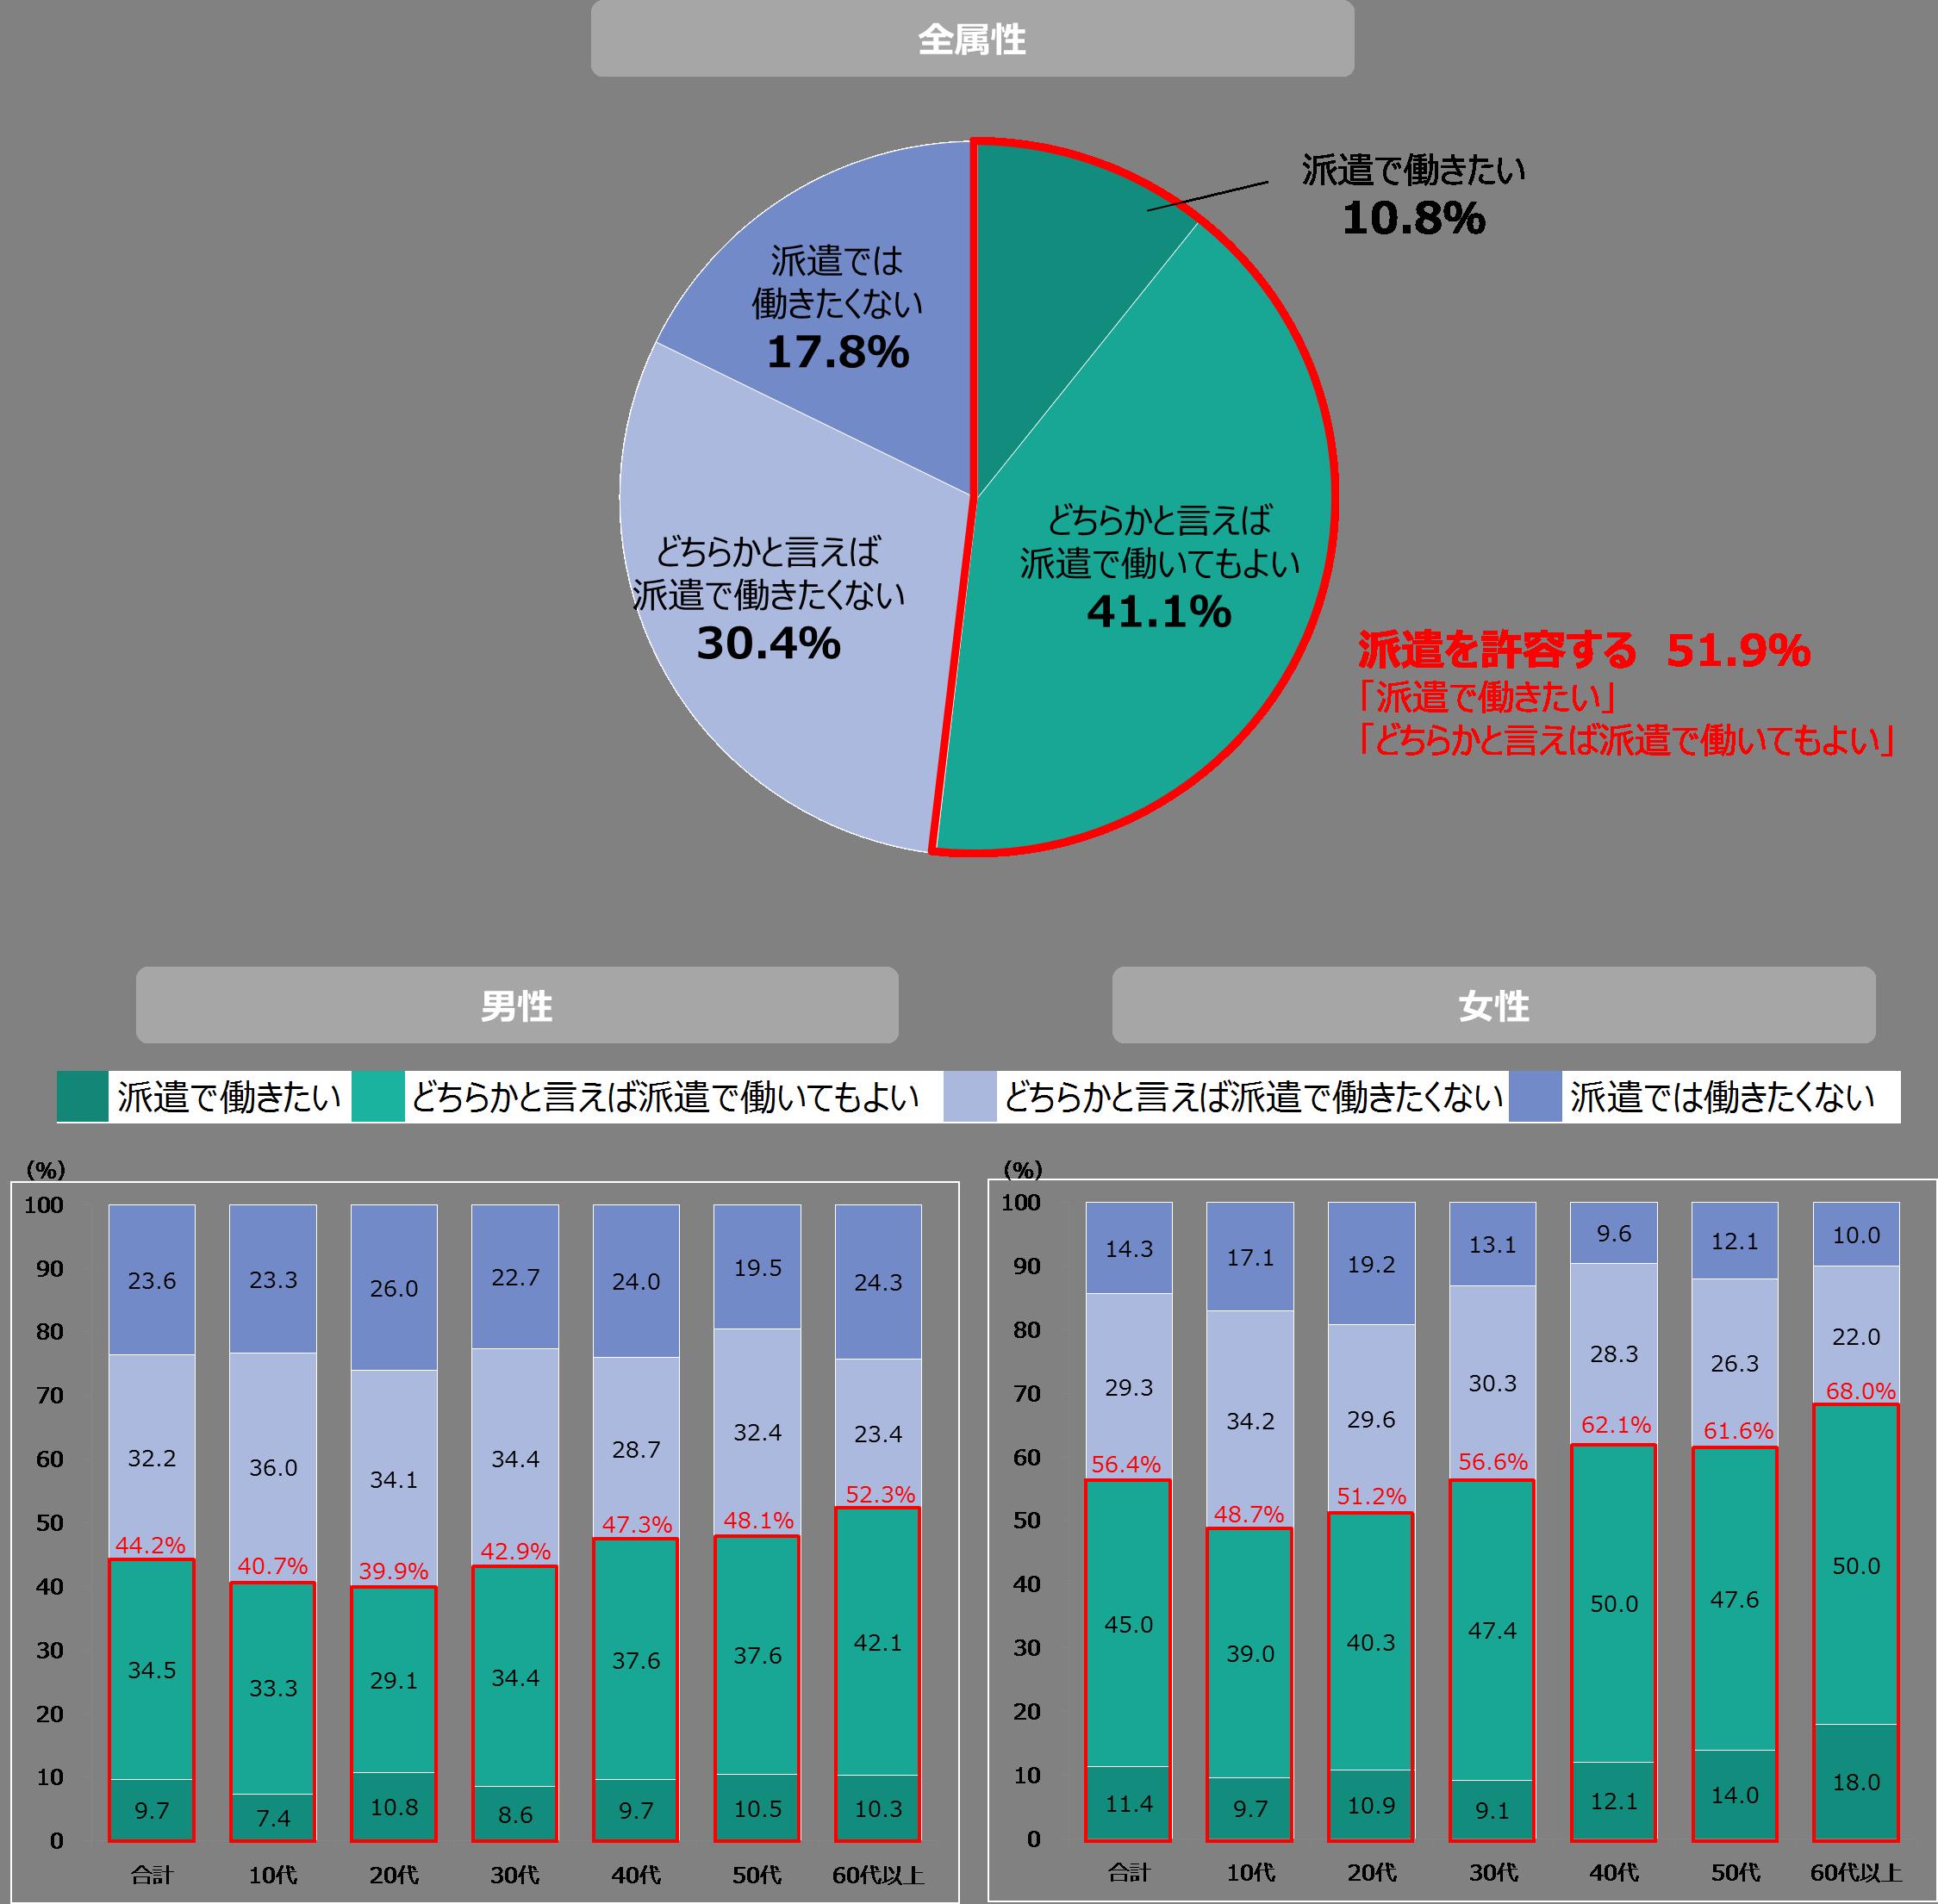 51.9%が派遣で働くことを許容。ディップ総合研究所「派遣就業に対する意識調査」